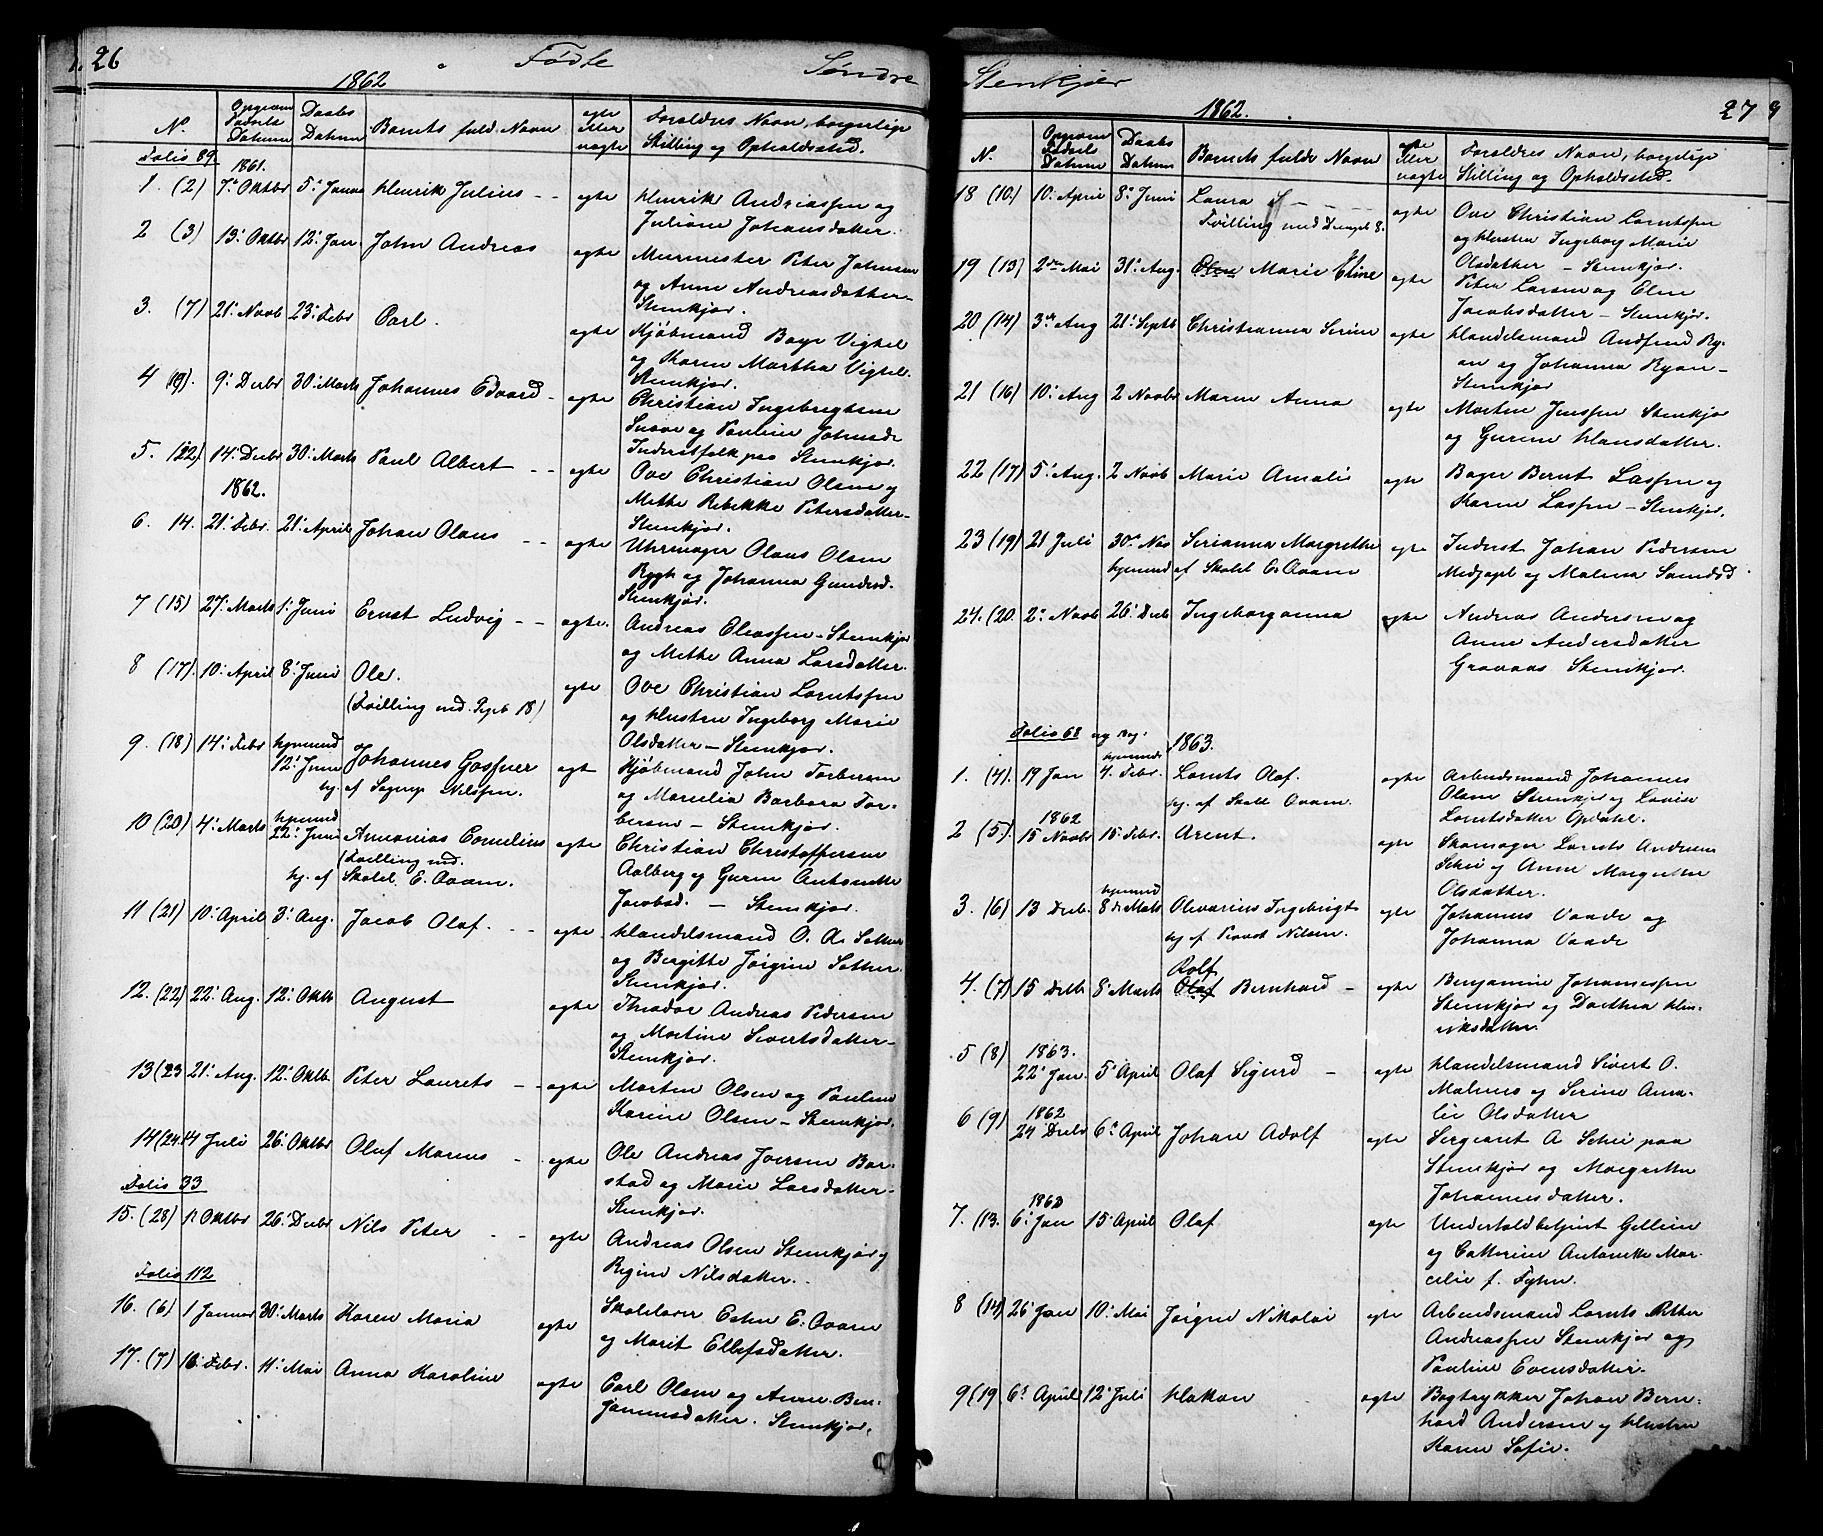 SAT, Ministerialprotokoller, klokkerbøker og fødselsregistre - Nord-Trøndelag, 739/L0367: Ministerialbok nr. 739A01 /1, 1838-1868, s. 26-27